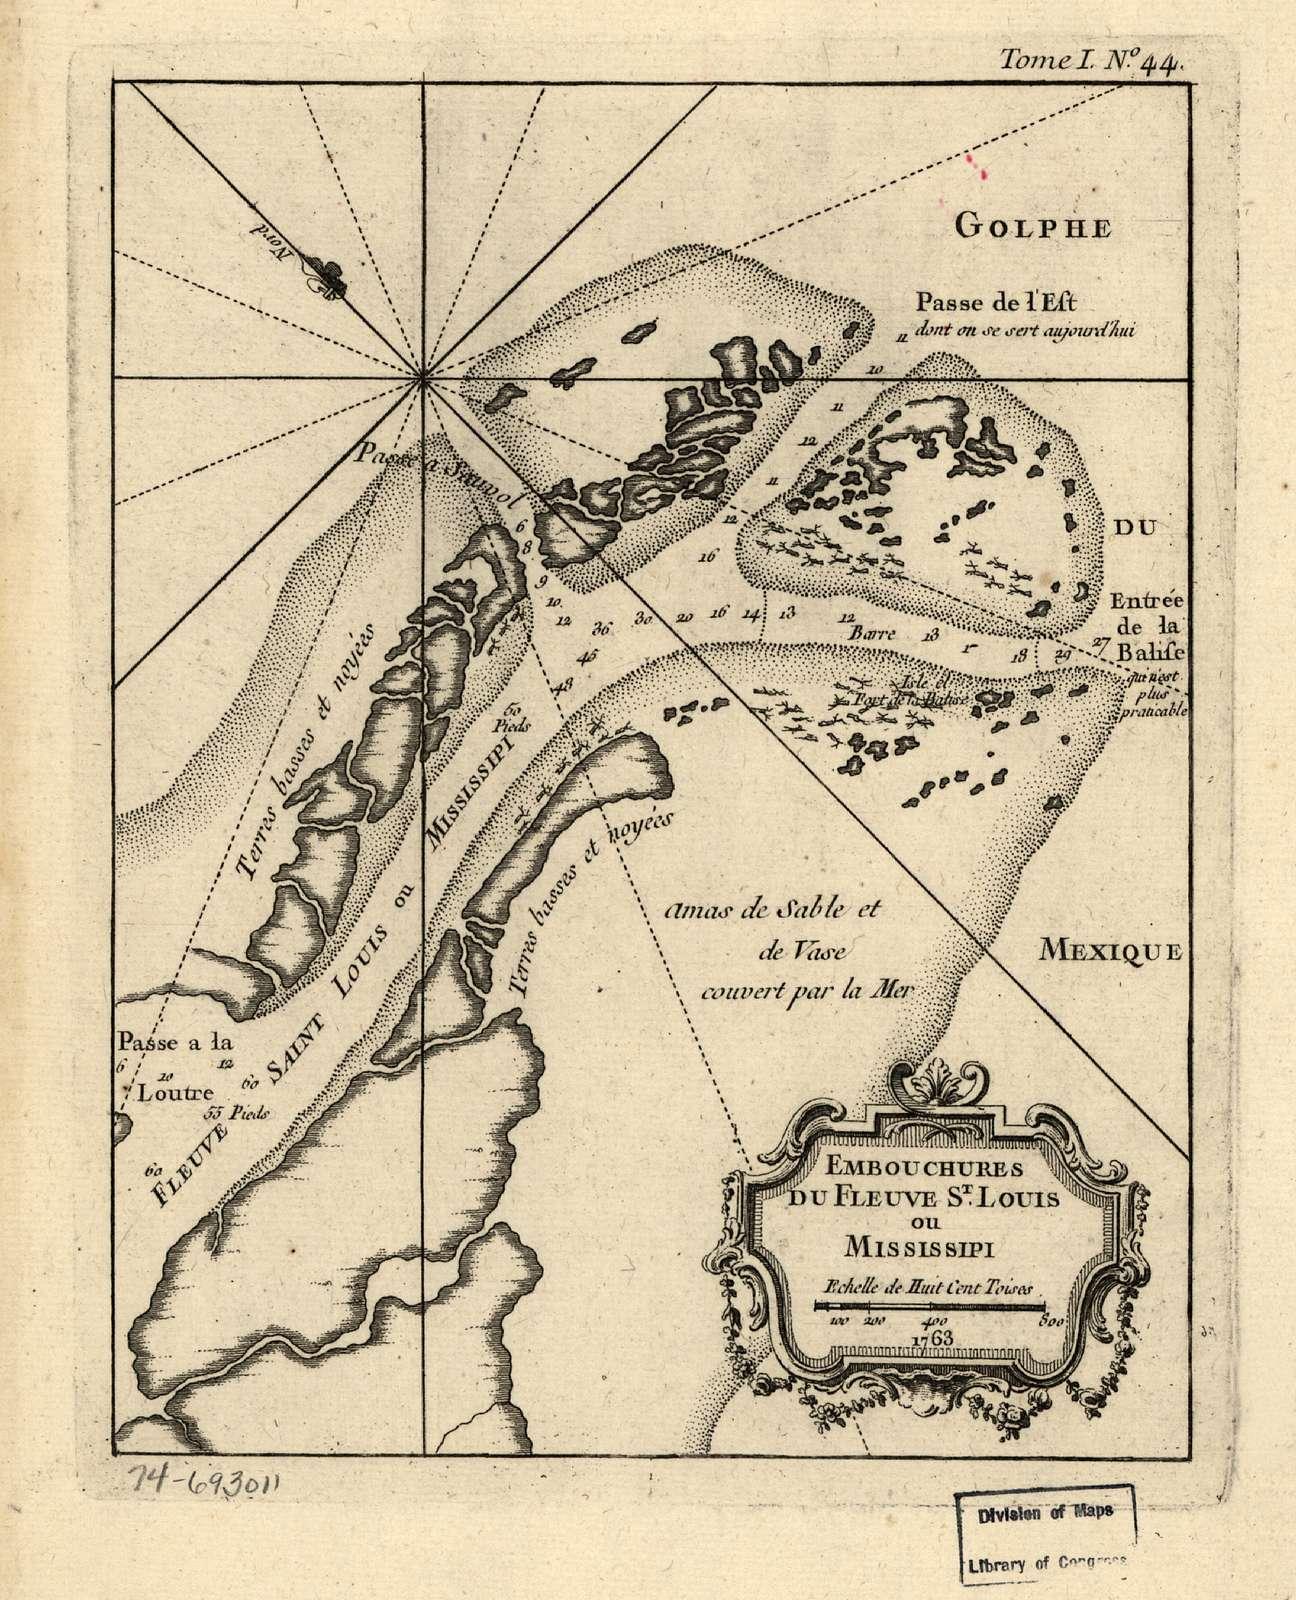 Embouchures du fleuve St. Louis ou Mississipi. 1763.